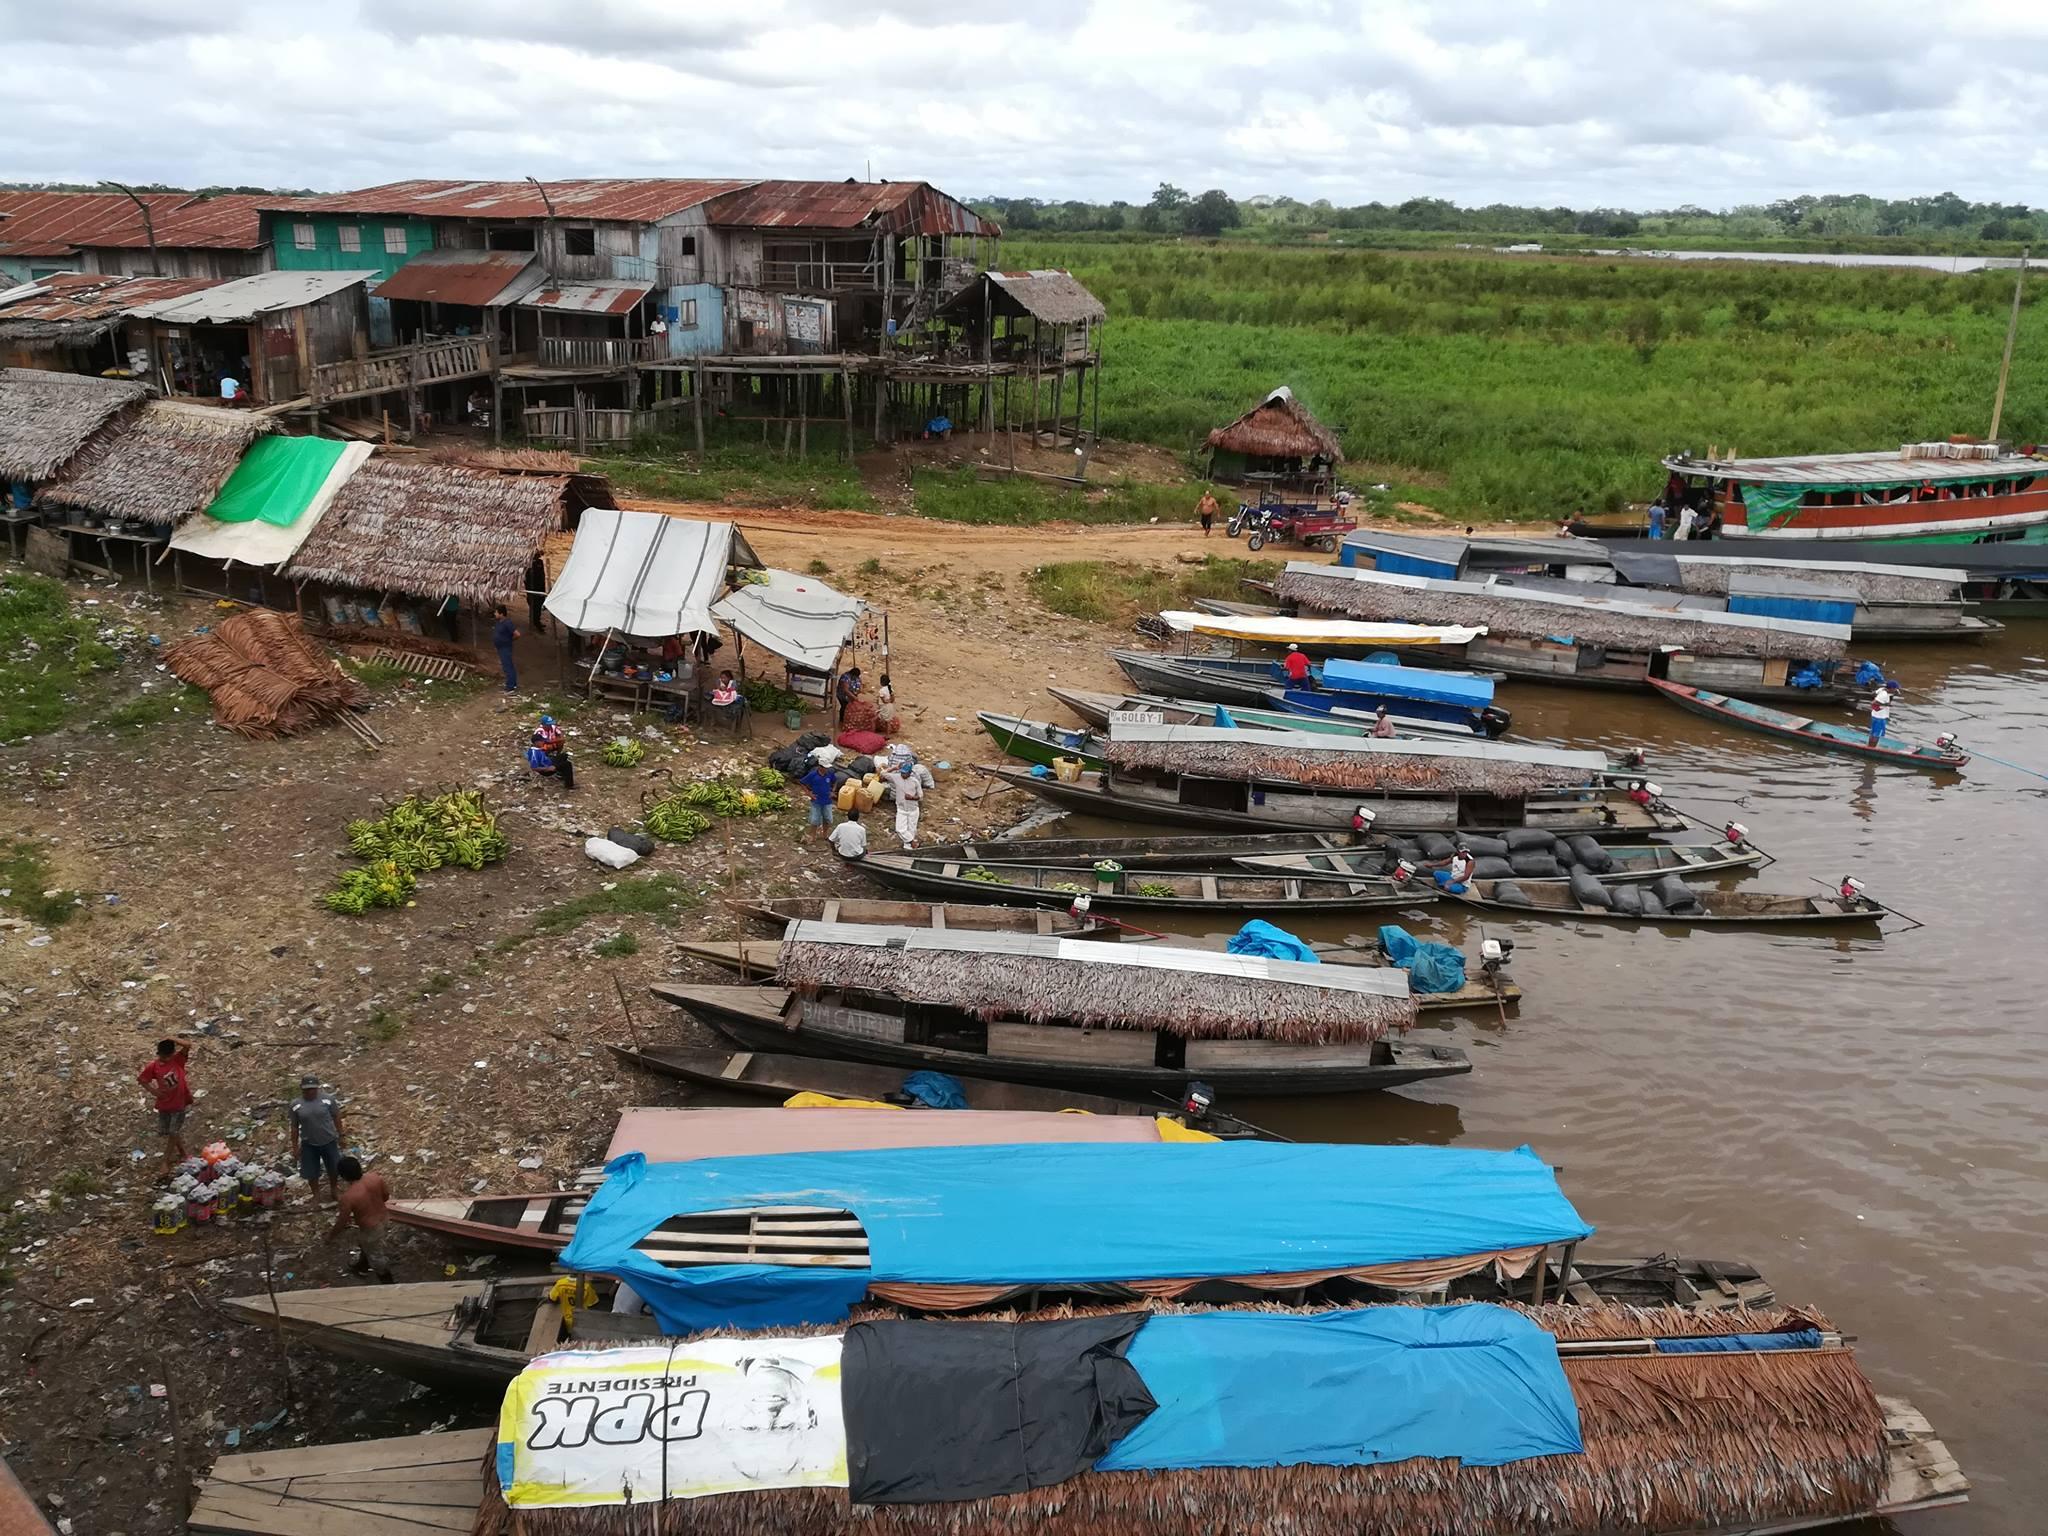 Tapiche-Amazon-Jungle-Tour-Requena-boats.jpg